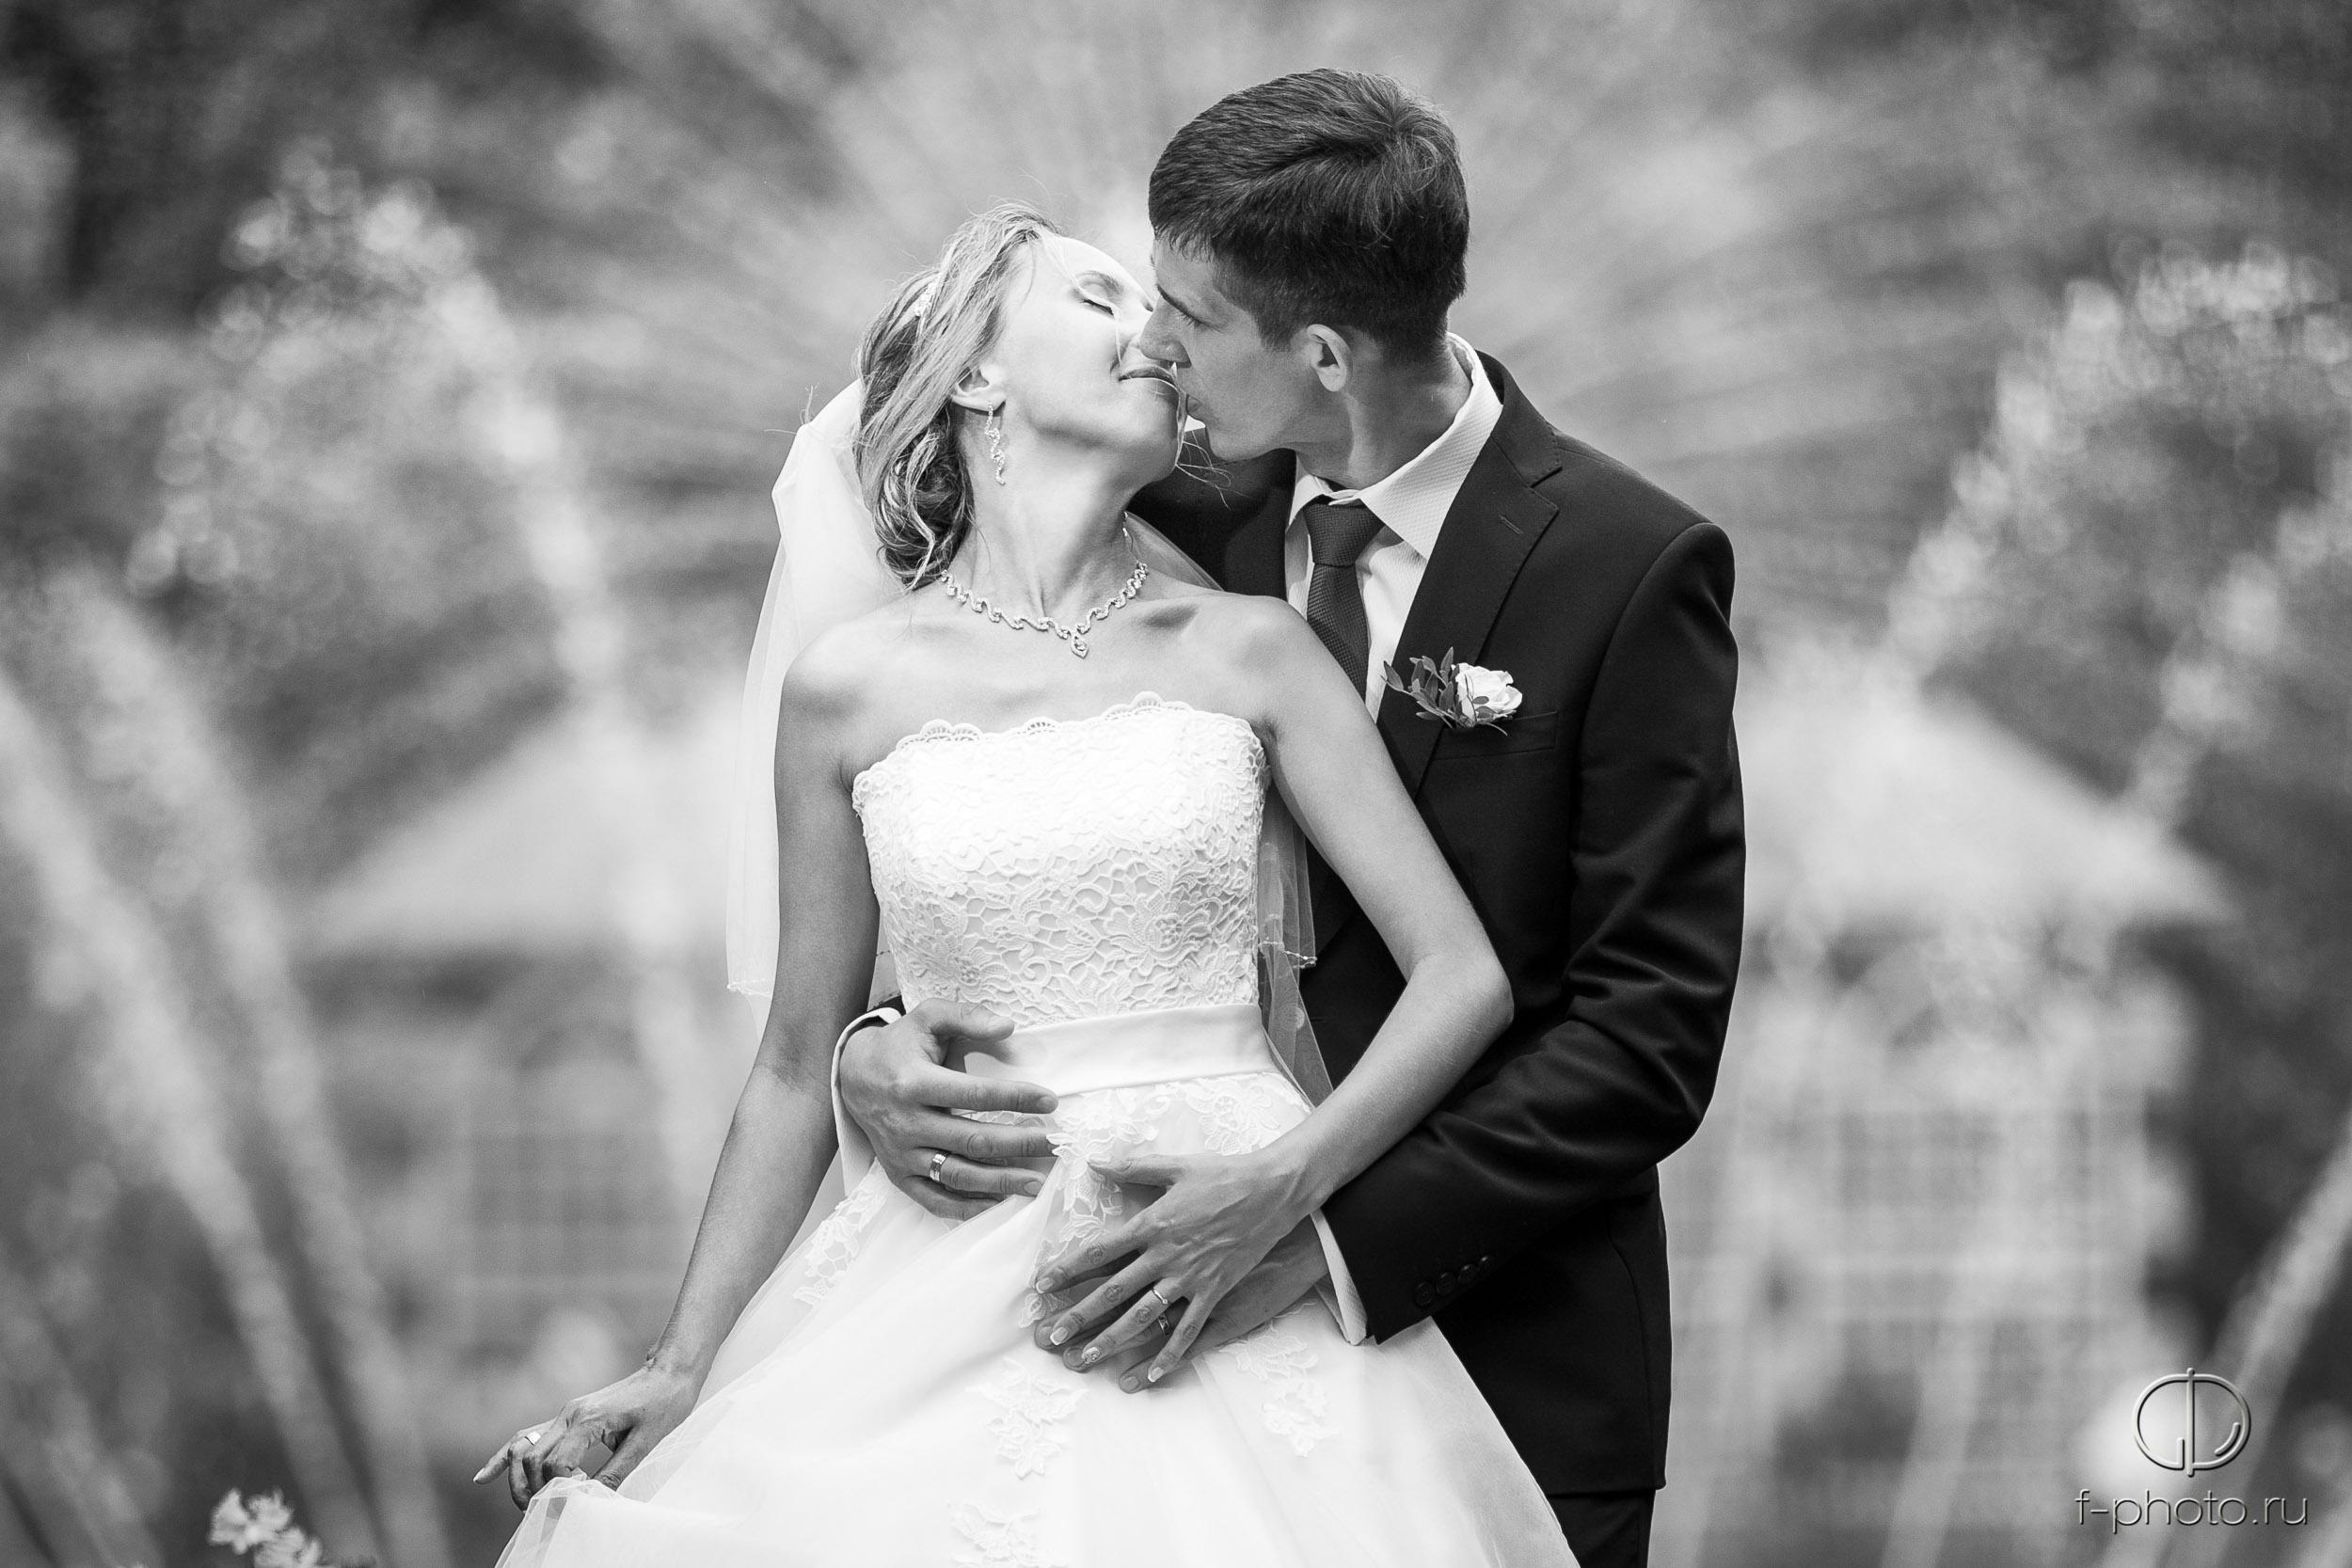 Черно-белые свадебные фотографии